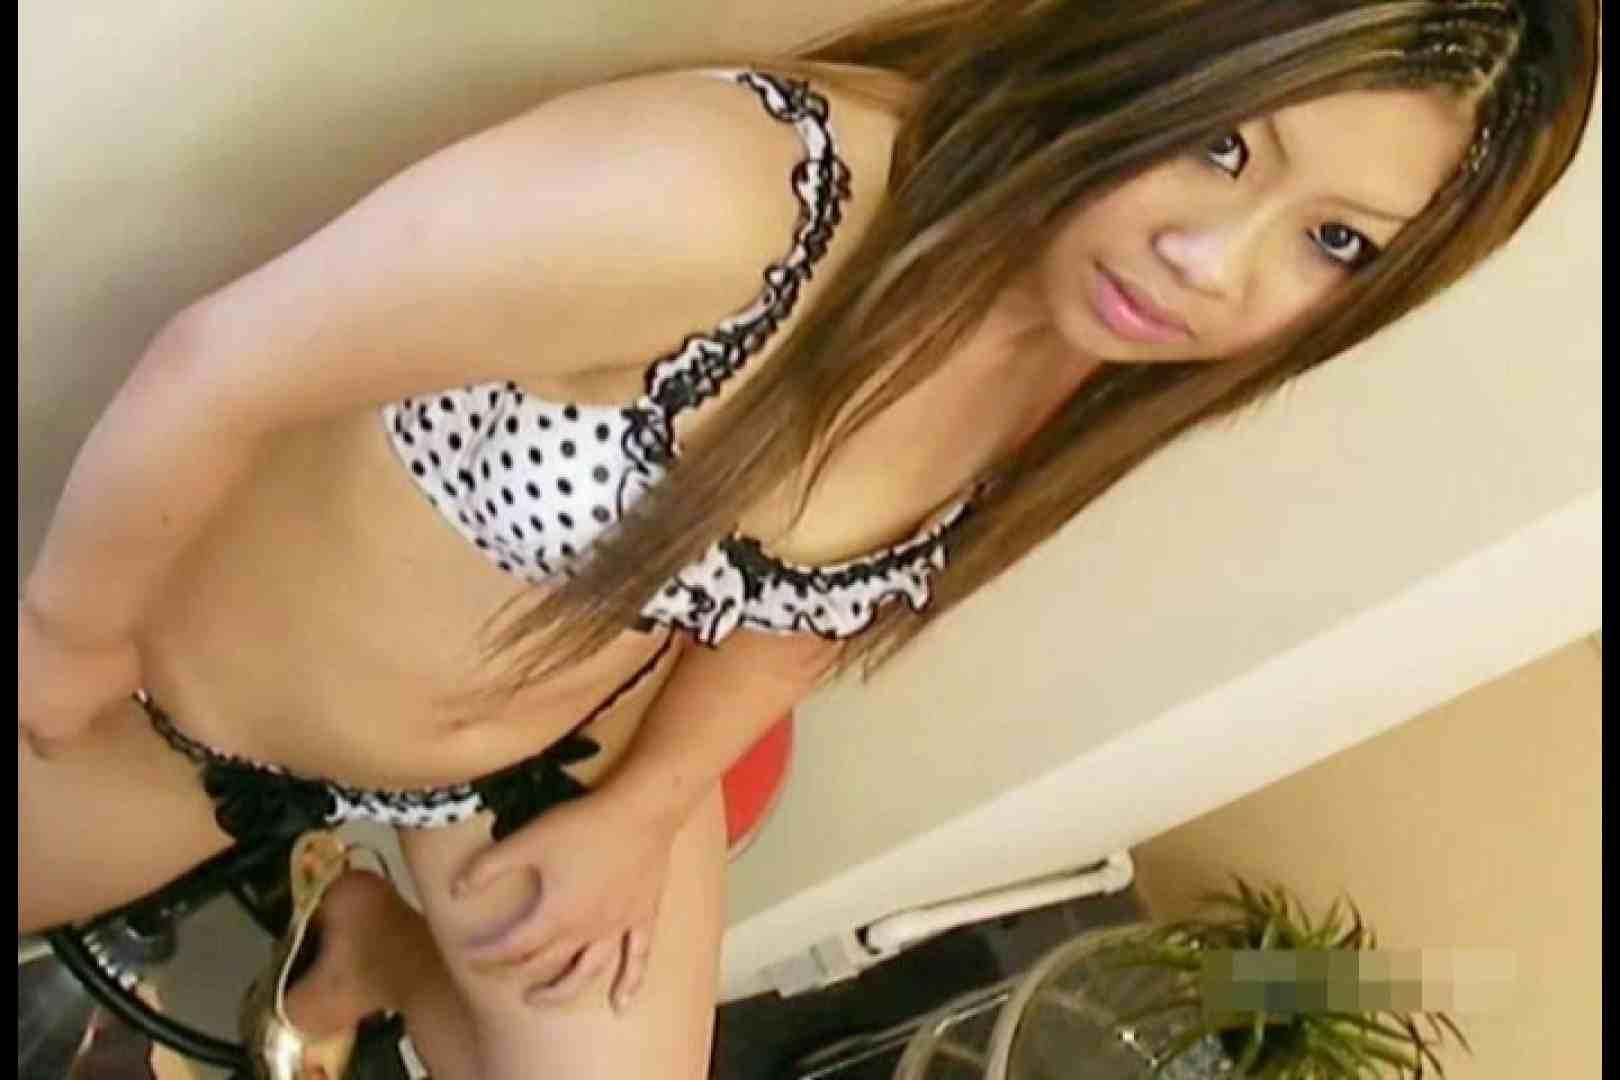 素人撮影 下着だけの撮影のはずが・・・幸子18歳 着替え  81pic 27